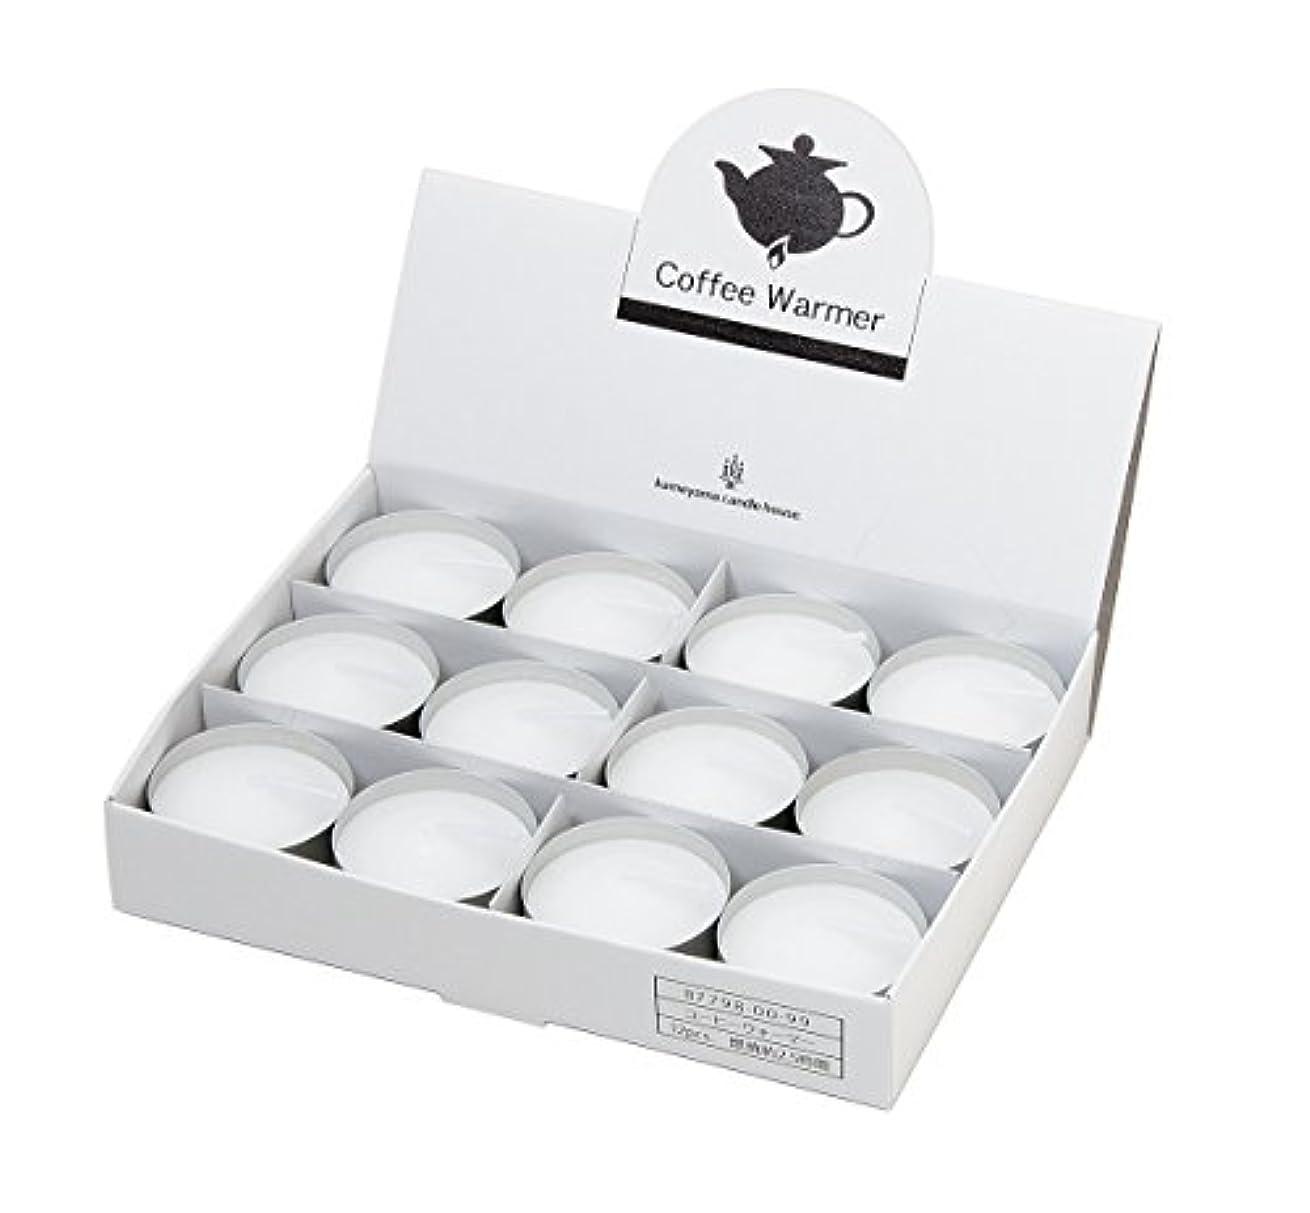 柔和ダッシュ蛾カメヤマキャンドルハウス チョコレートフォンデュなどにもおすすめ 大きめ炎で保温できる コーヒーウォーマーキャンドル(1箱12個入) 燃焼時間約2時間30分